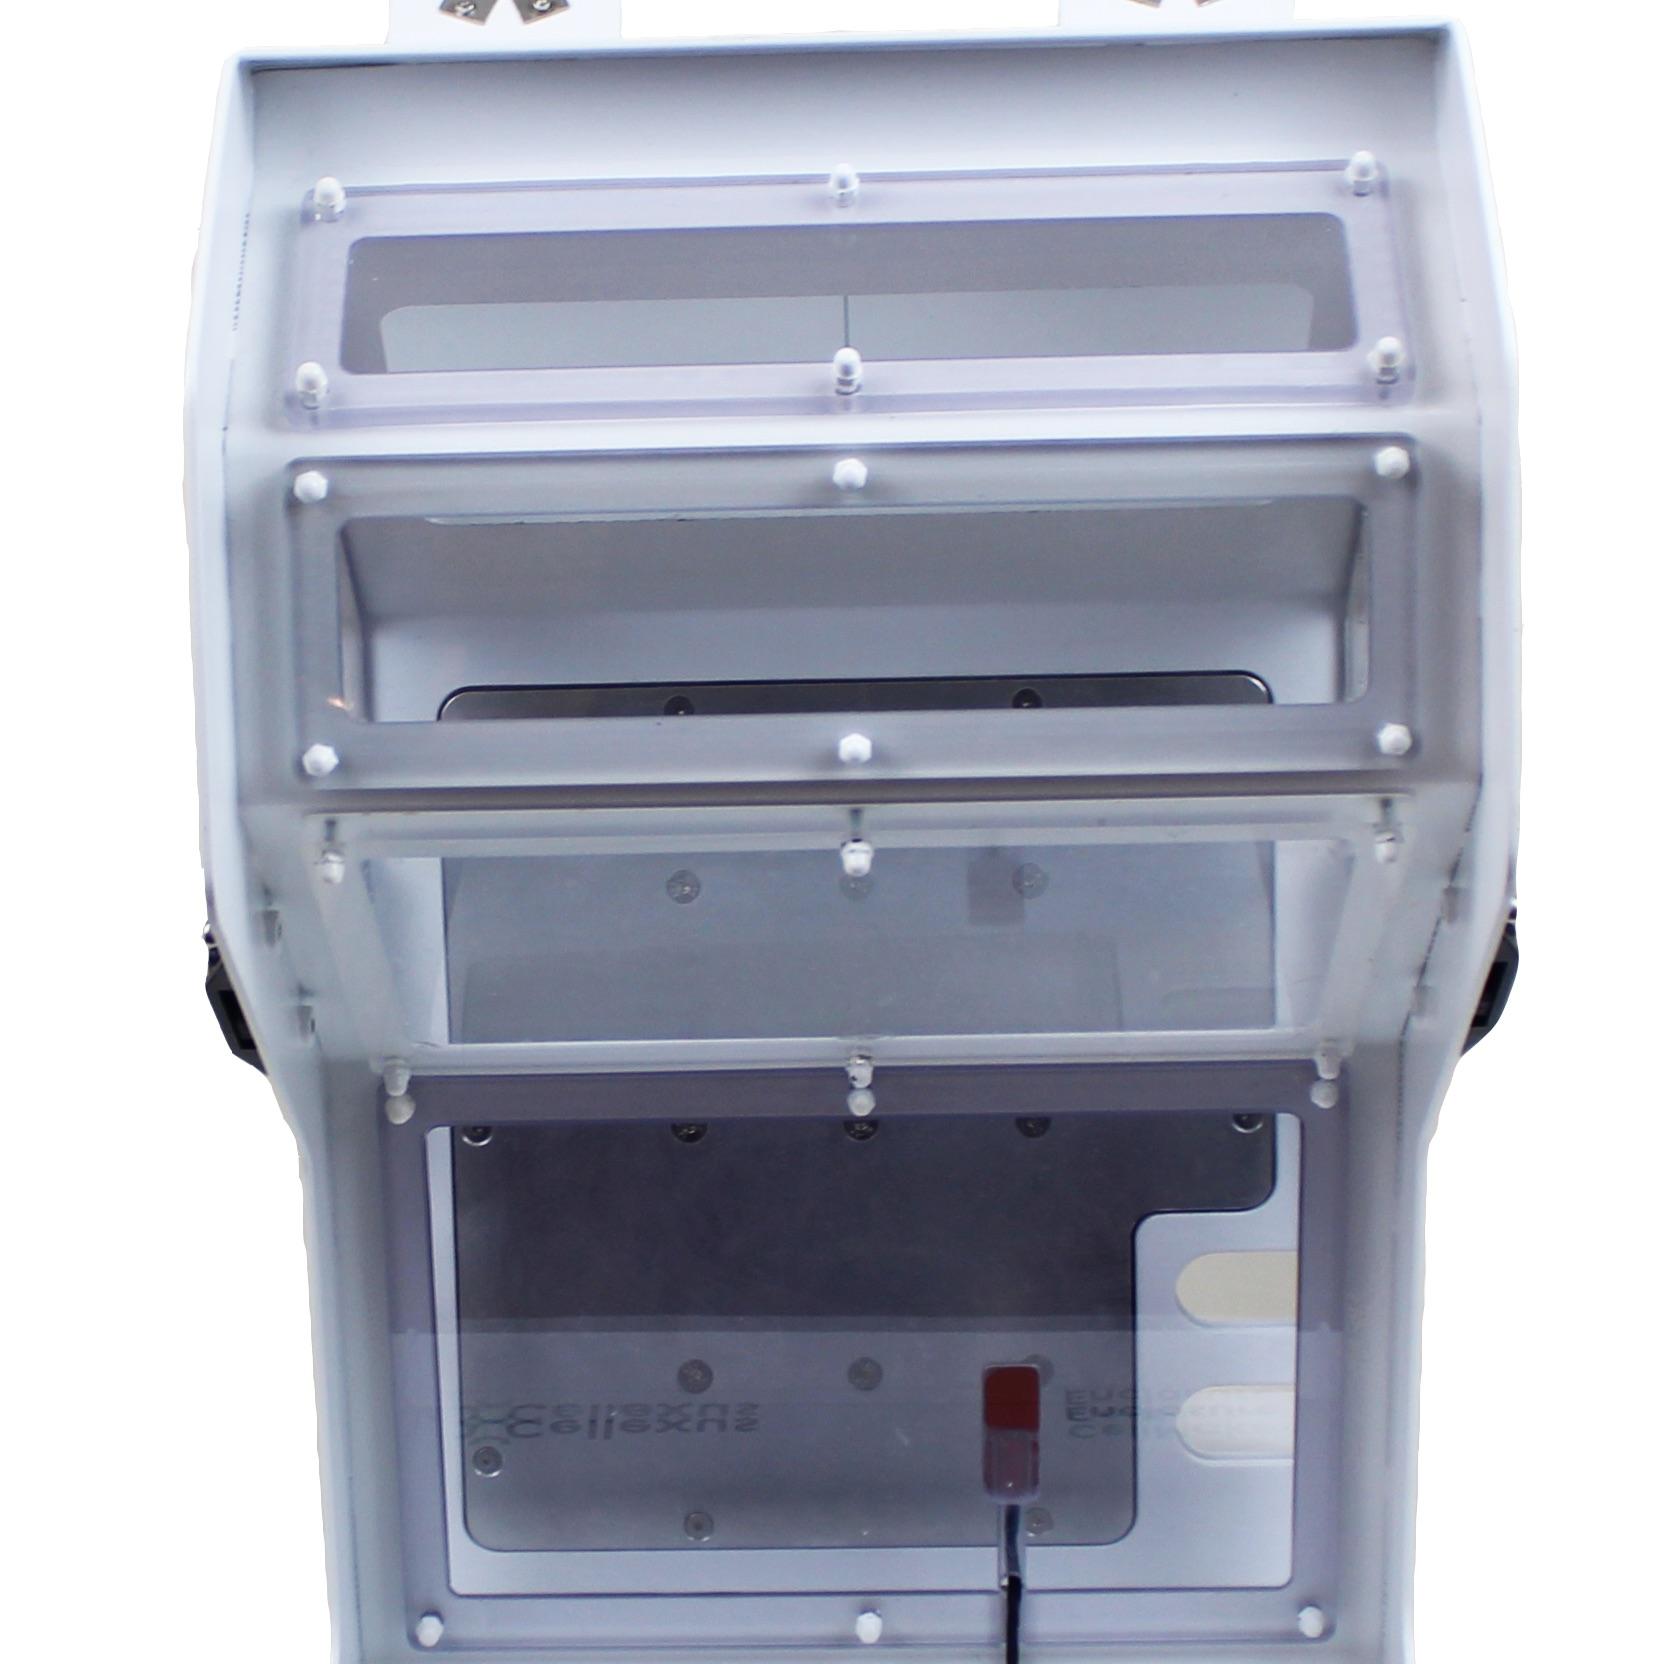 CellMaker Plus 8L System